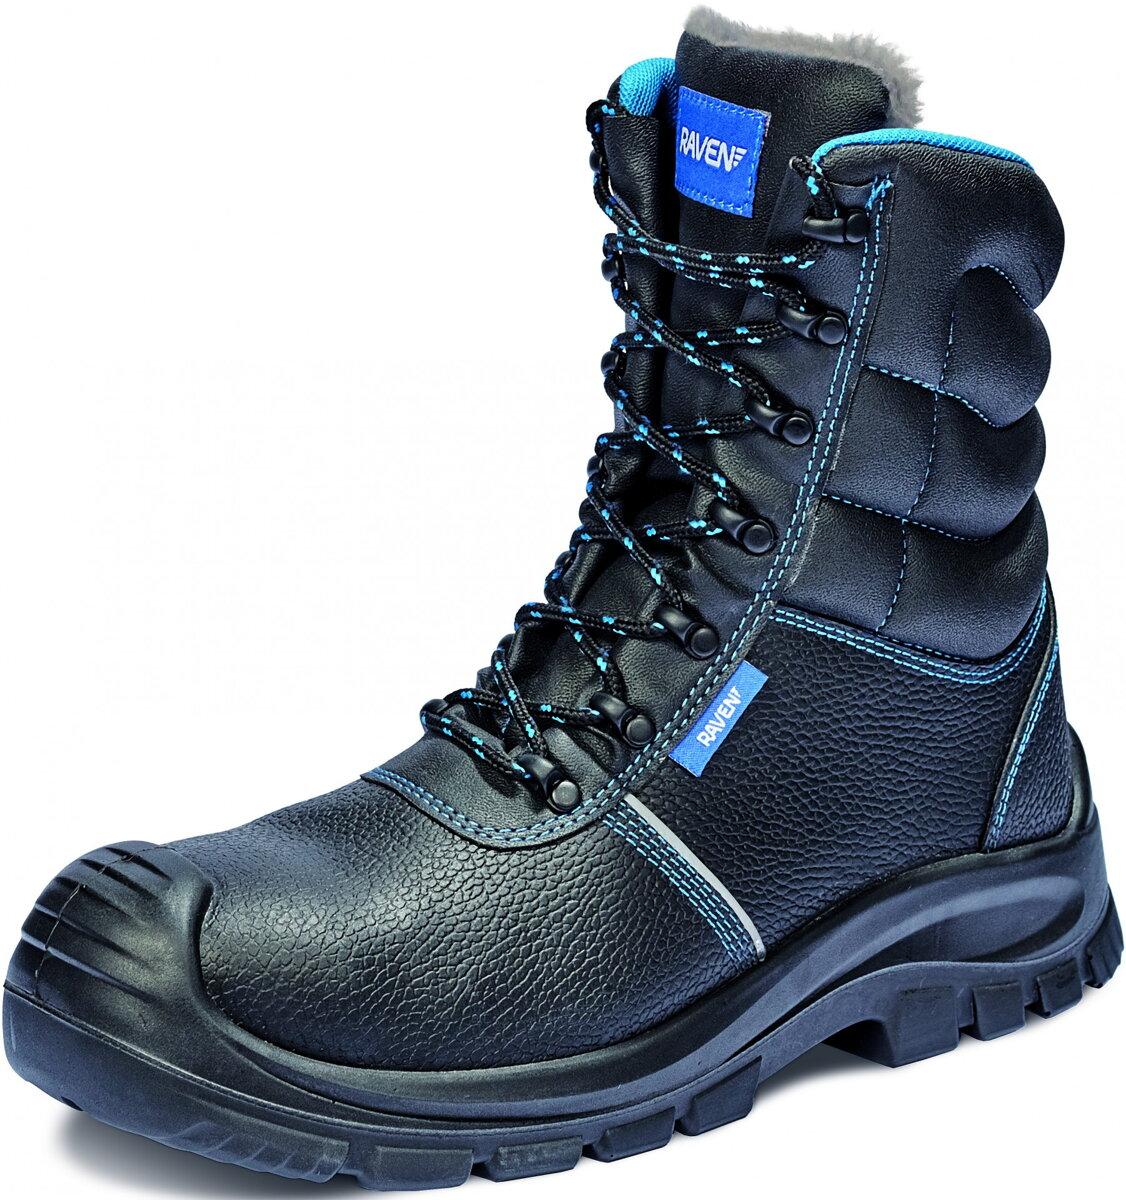 97e5c8c0fa7c RAVEN XT HIGH ANKLE WINTER S3 CI SRC. PrevNext. Bezpečnostná zateplená  holeňová obuv ...